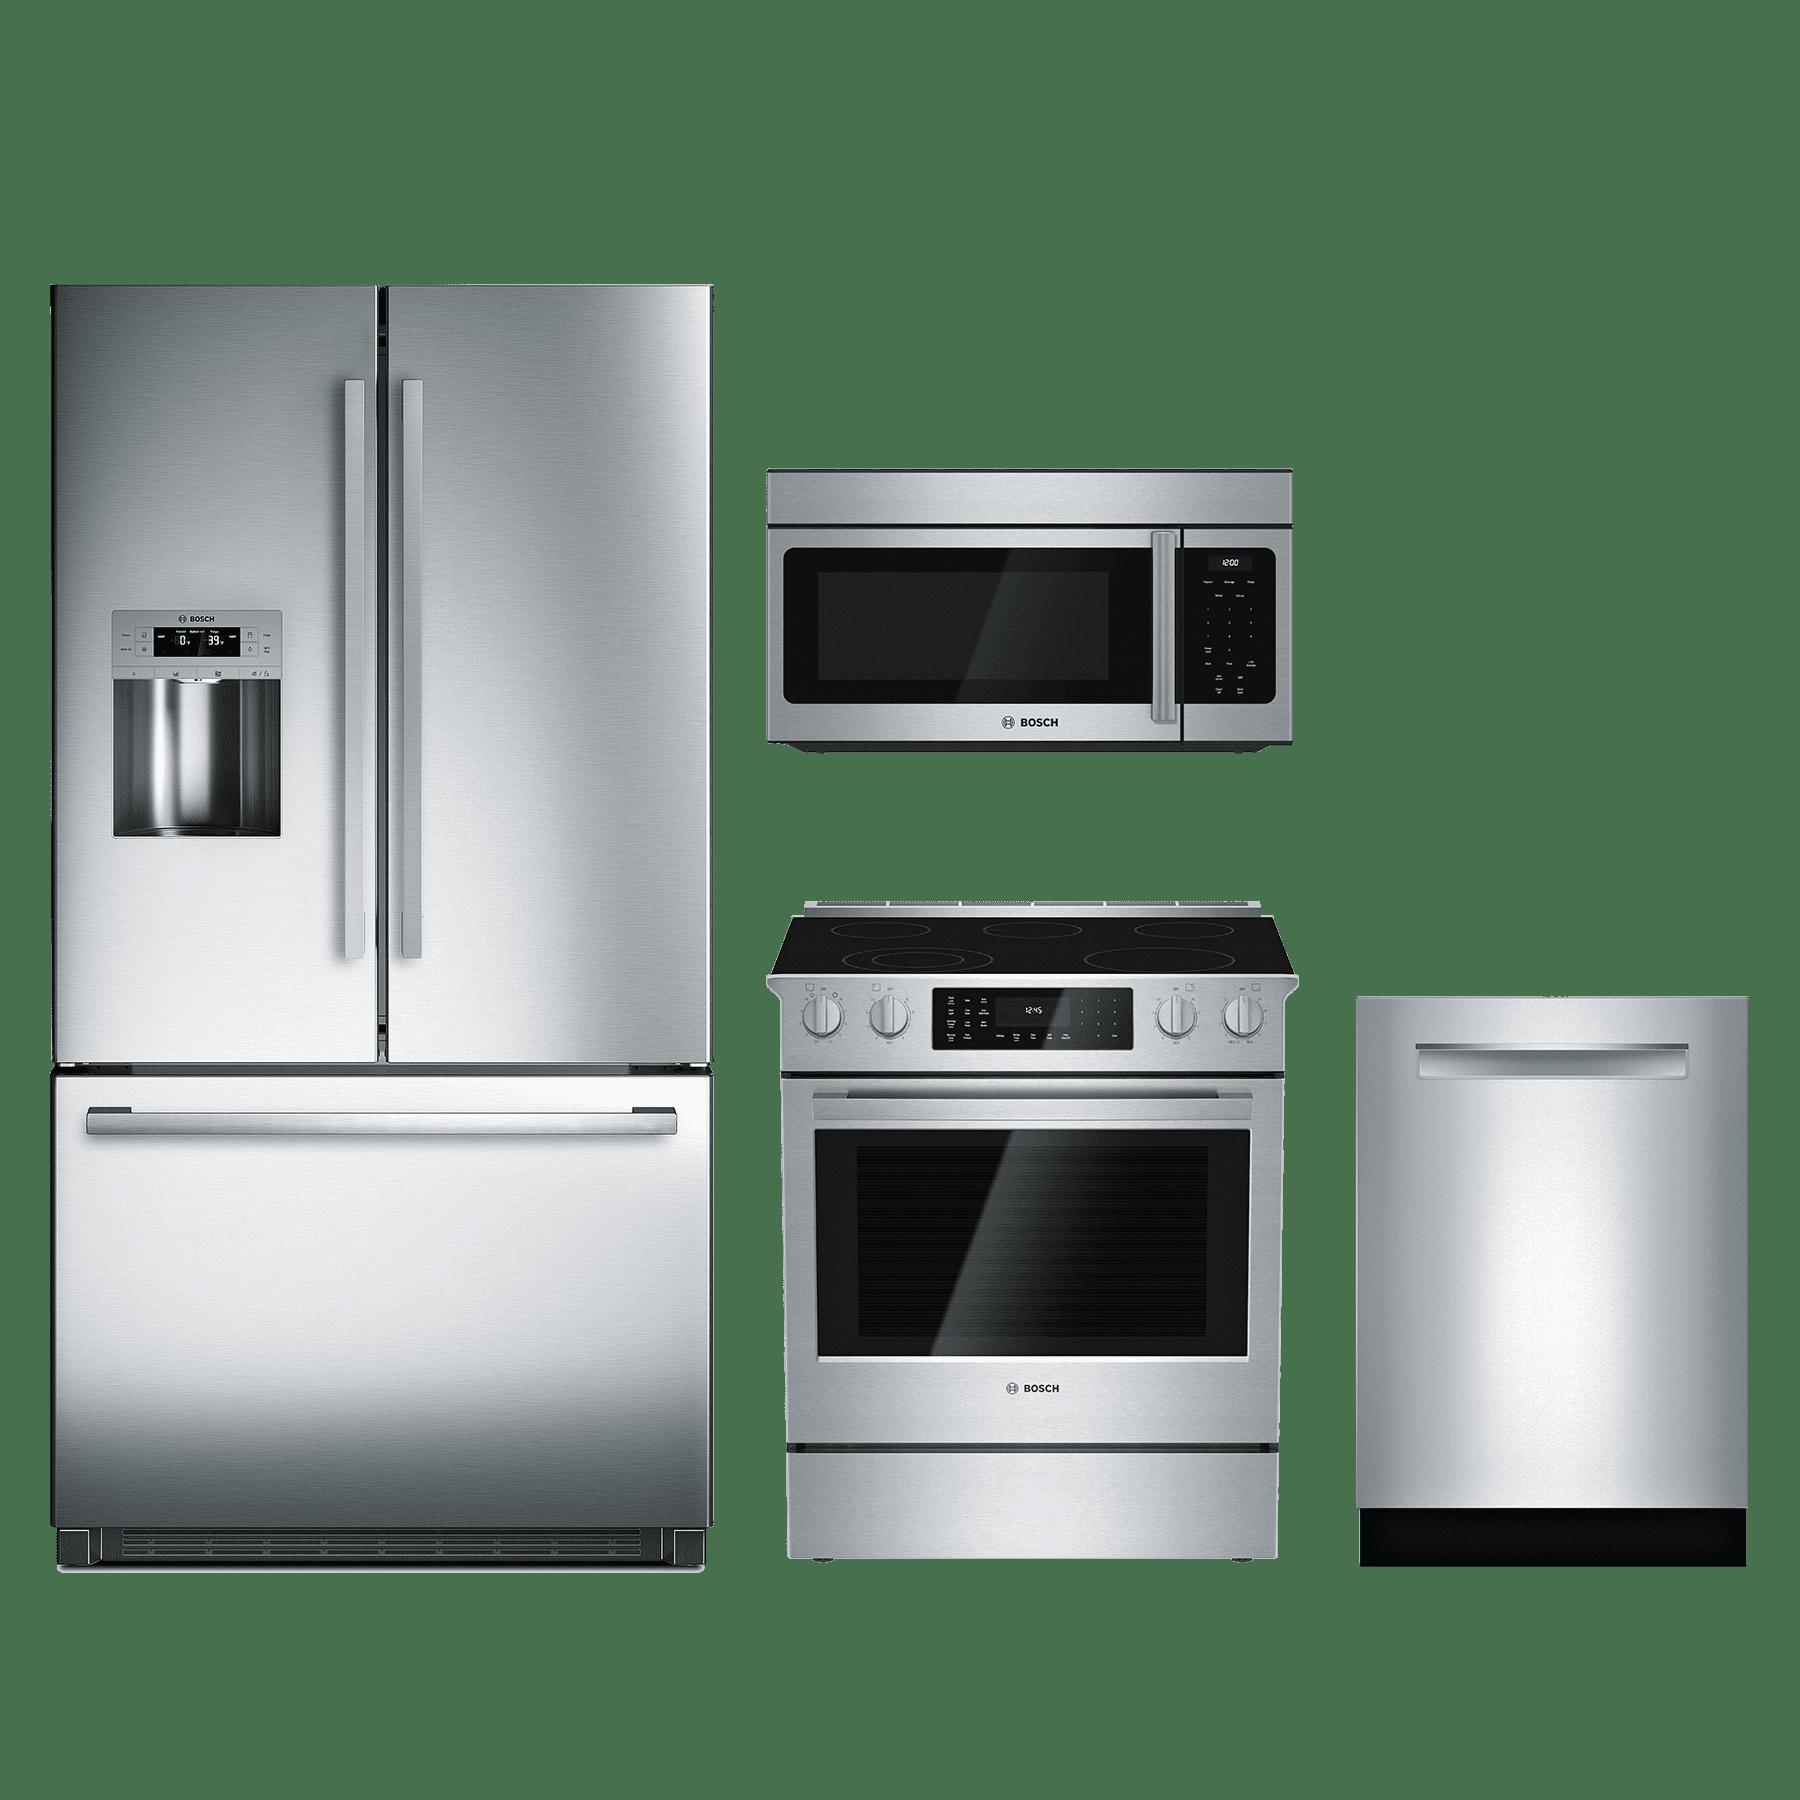 Bosch 800 Series 4 Piece Kitchen Package Stainless Steel BOKITHEI8054U